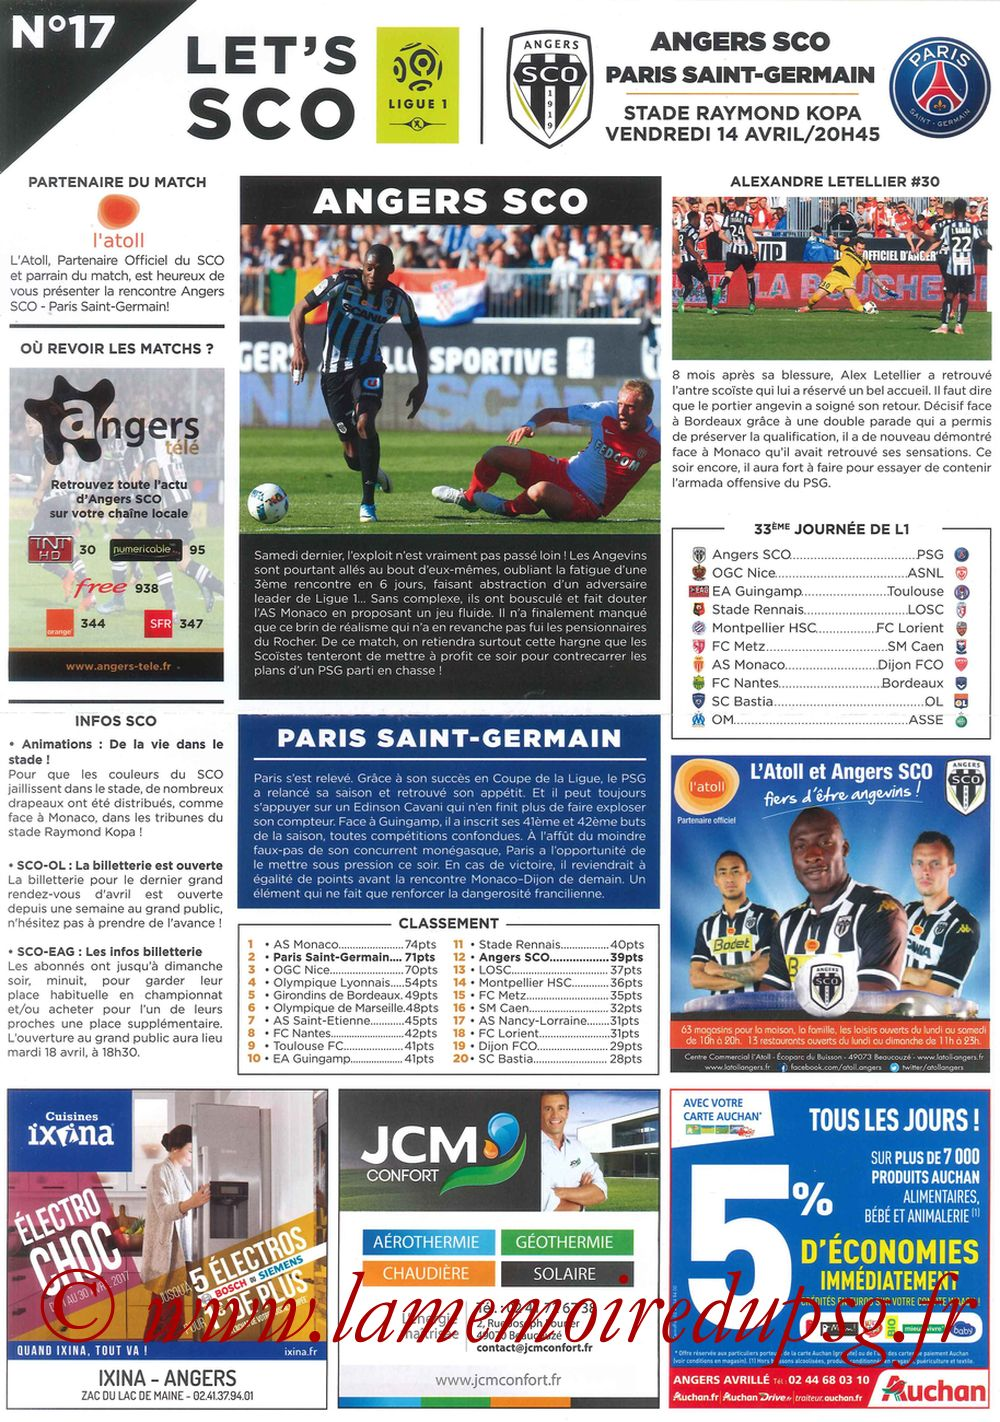 2017-04-14  Angers-PSG (33ème L1, Let's SCO N°17)